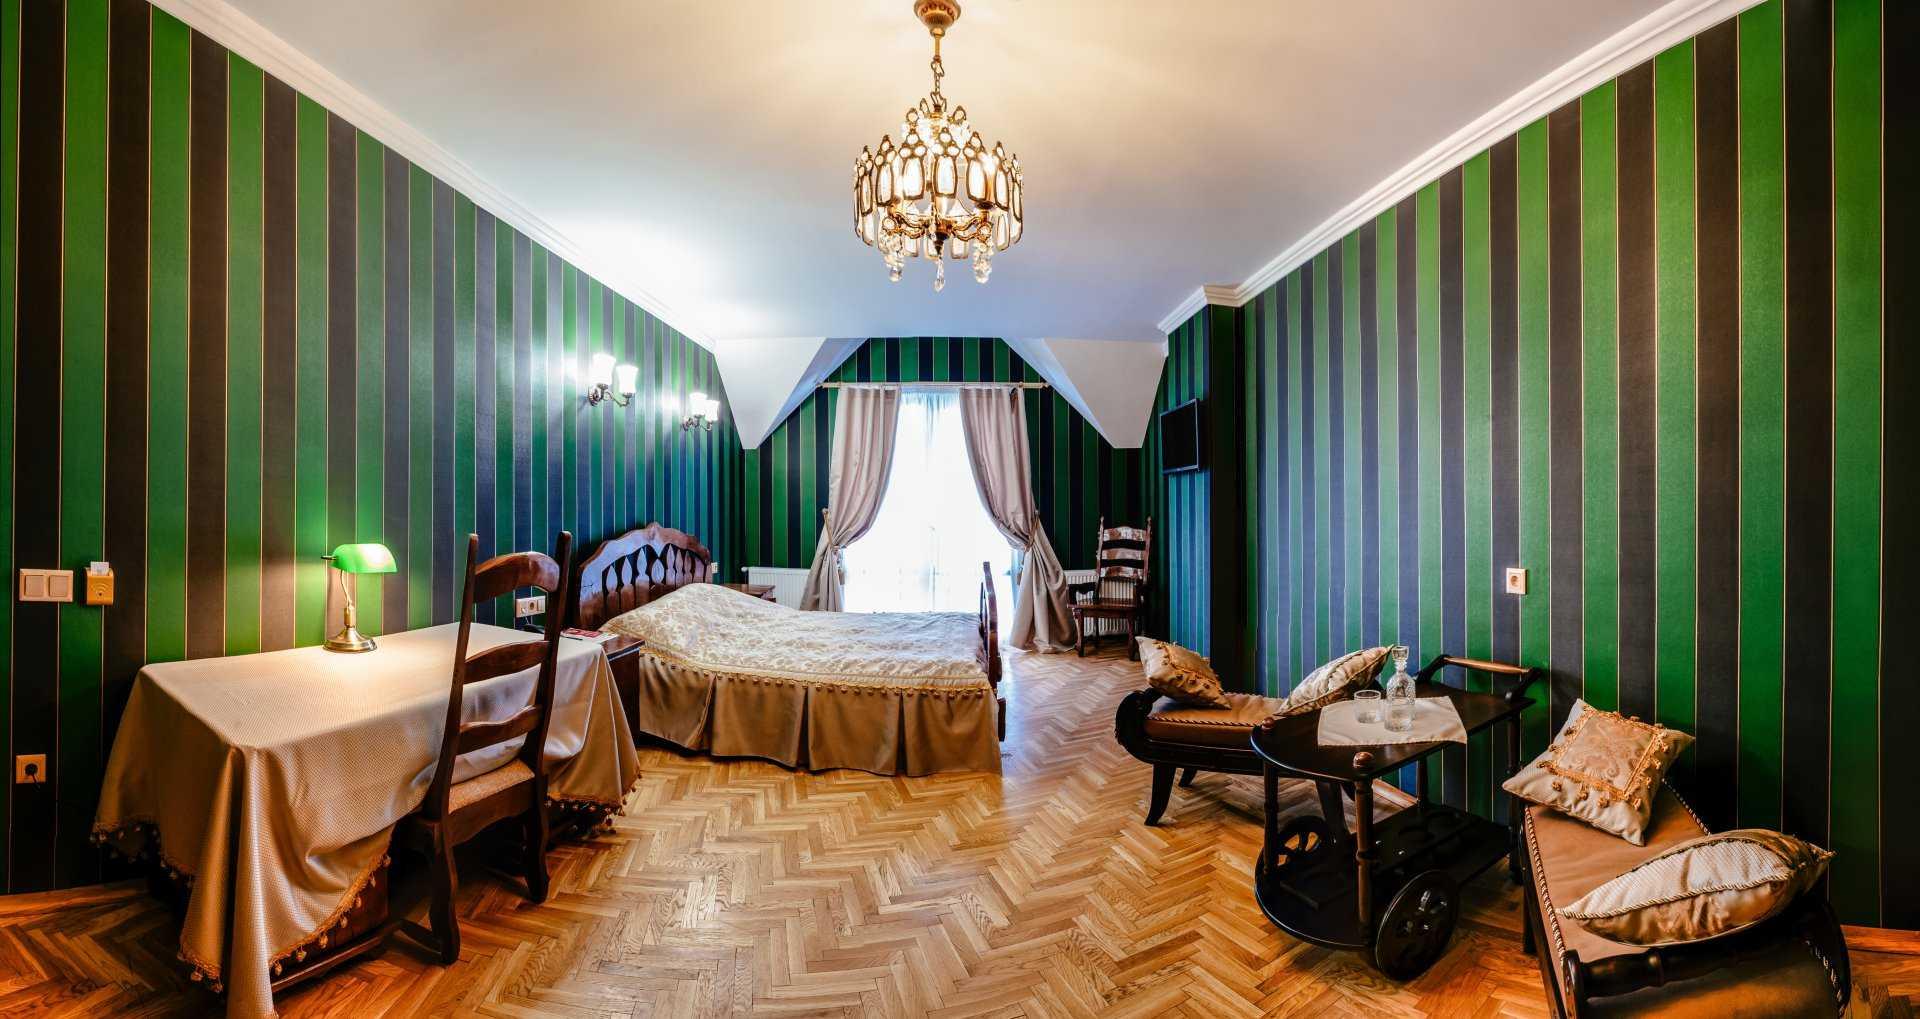 Полулюкс Классика - номер на 2-х гостей в классическом стиле